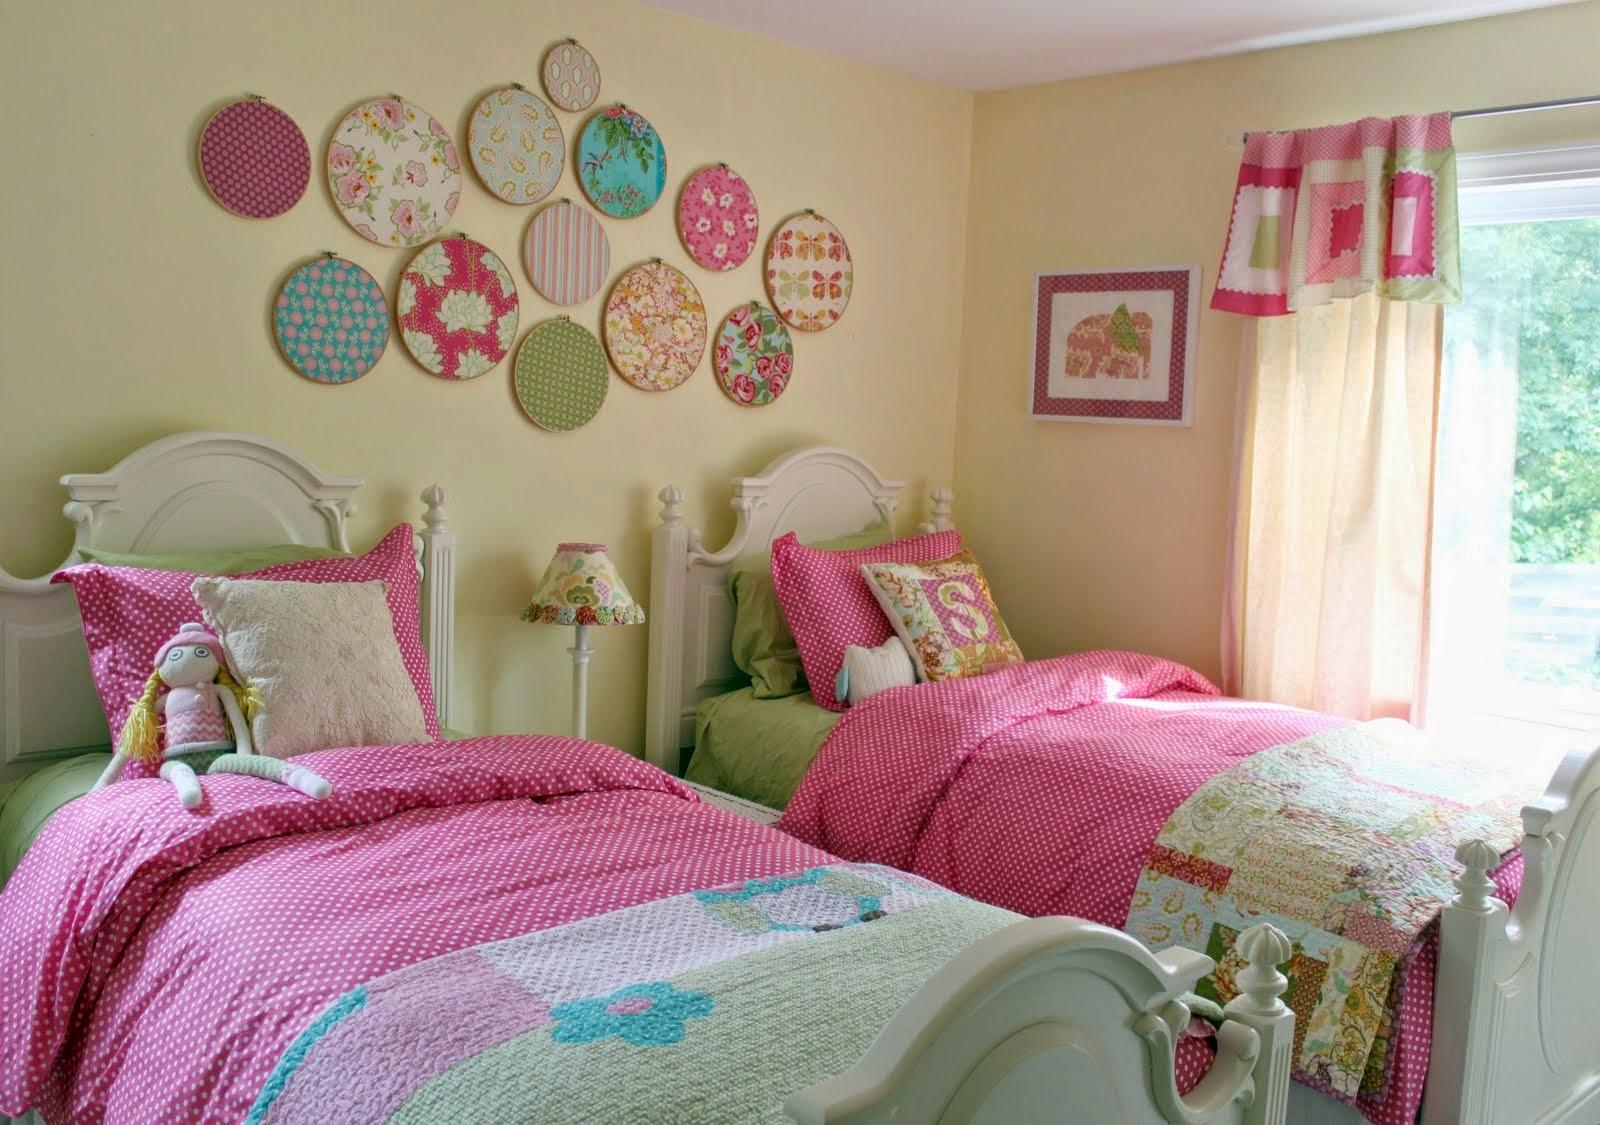 Decor For Little Girls Room | Baby Interior Design